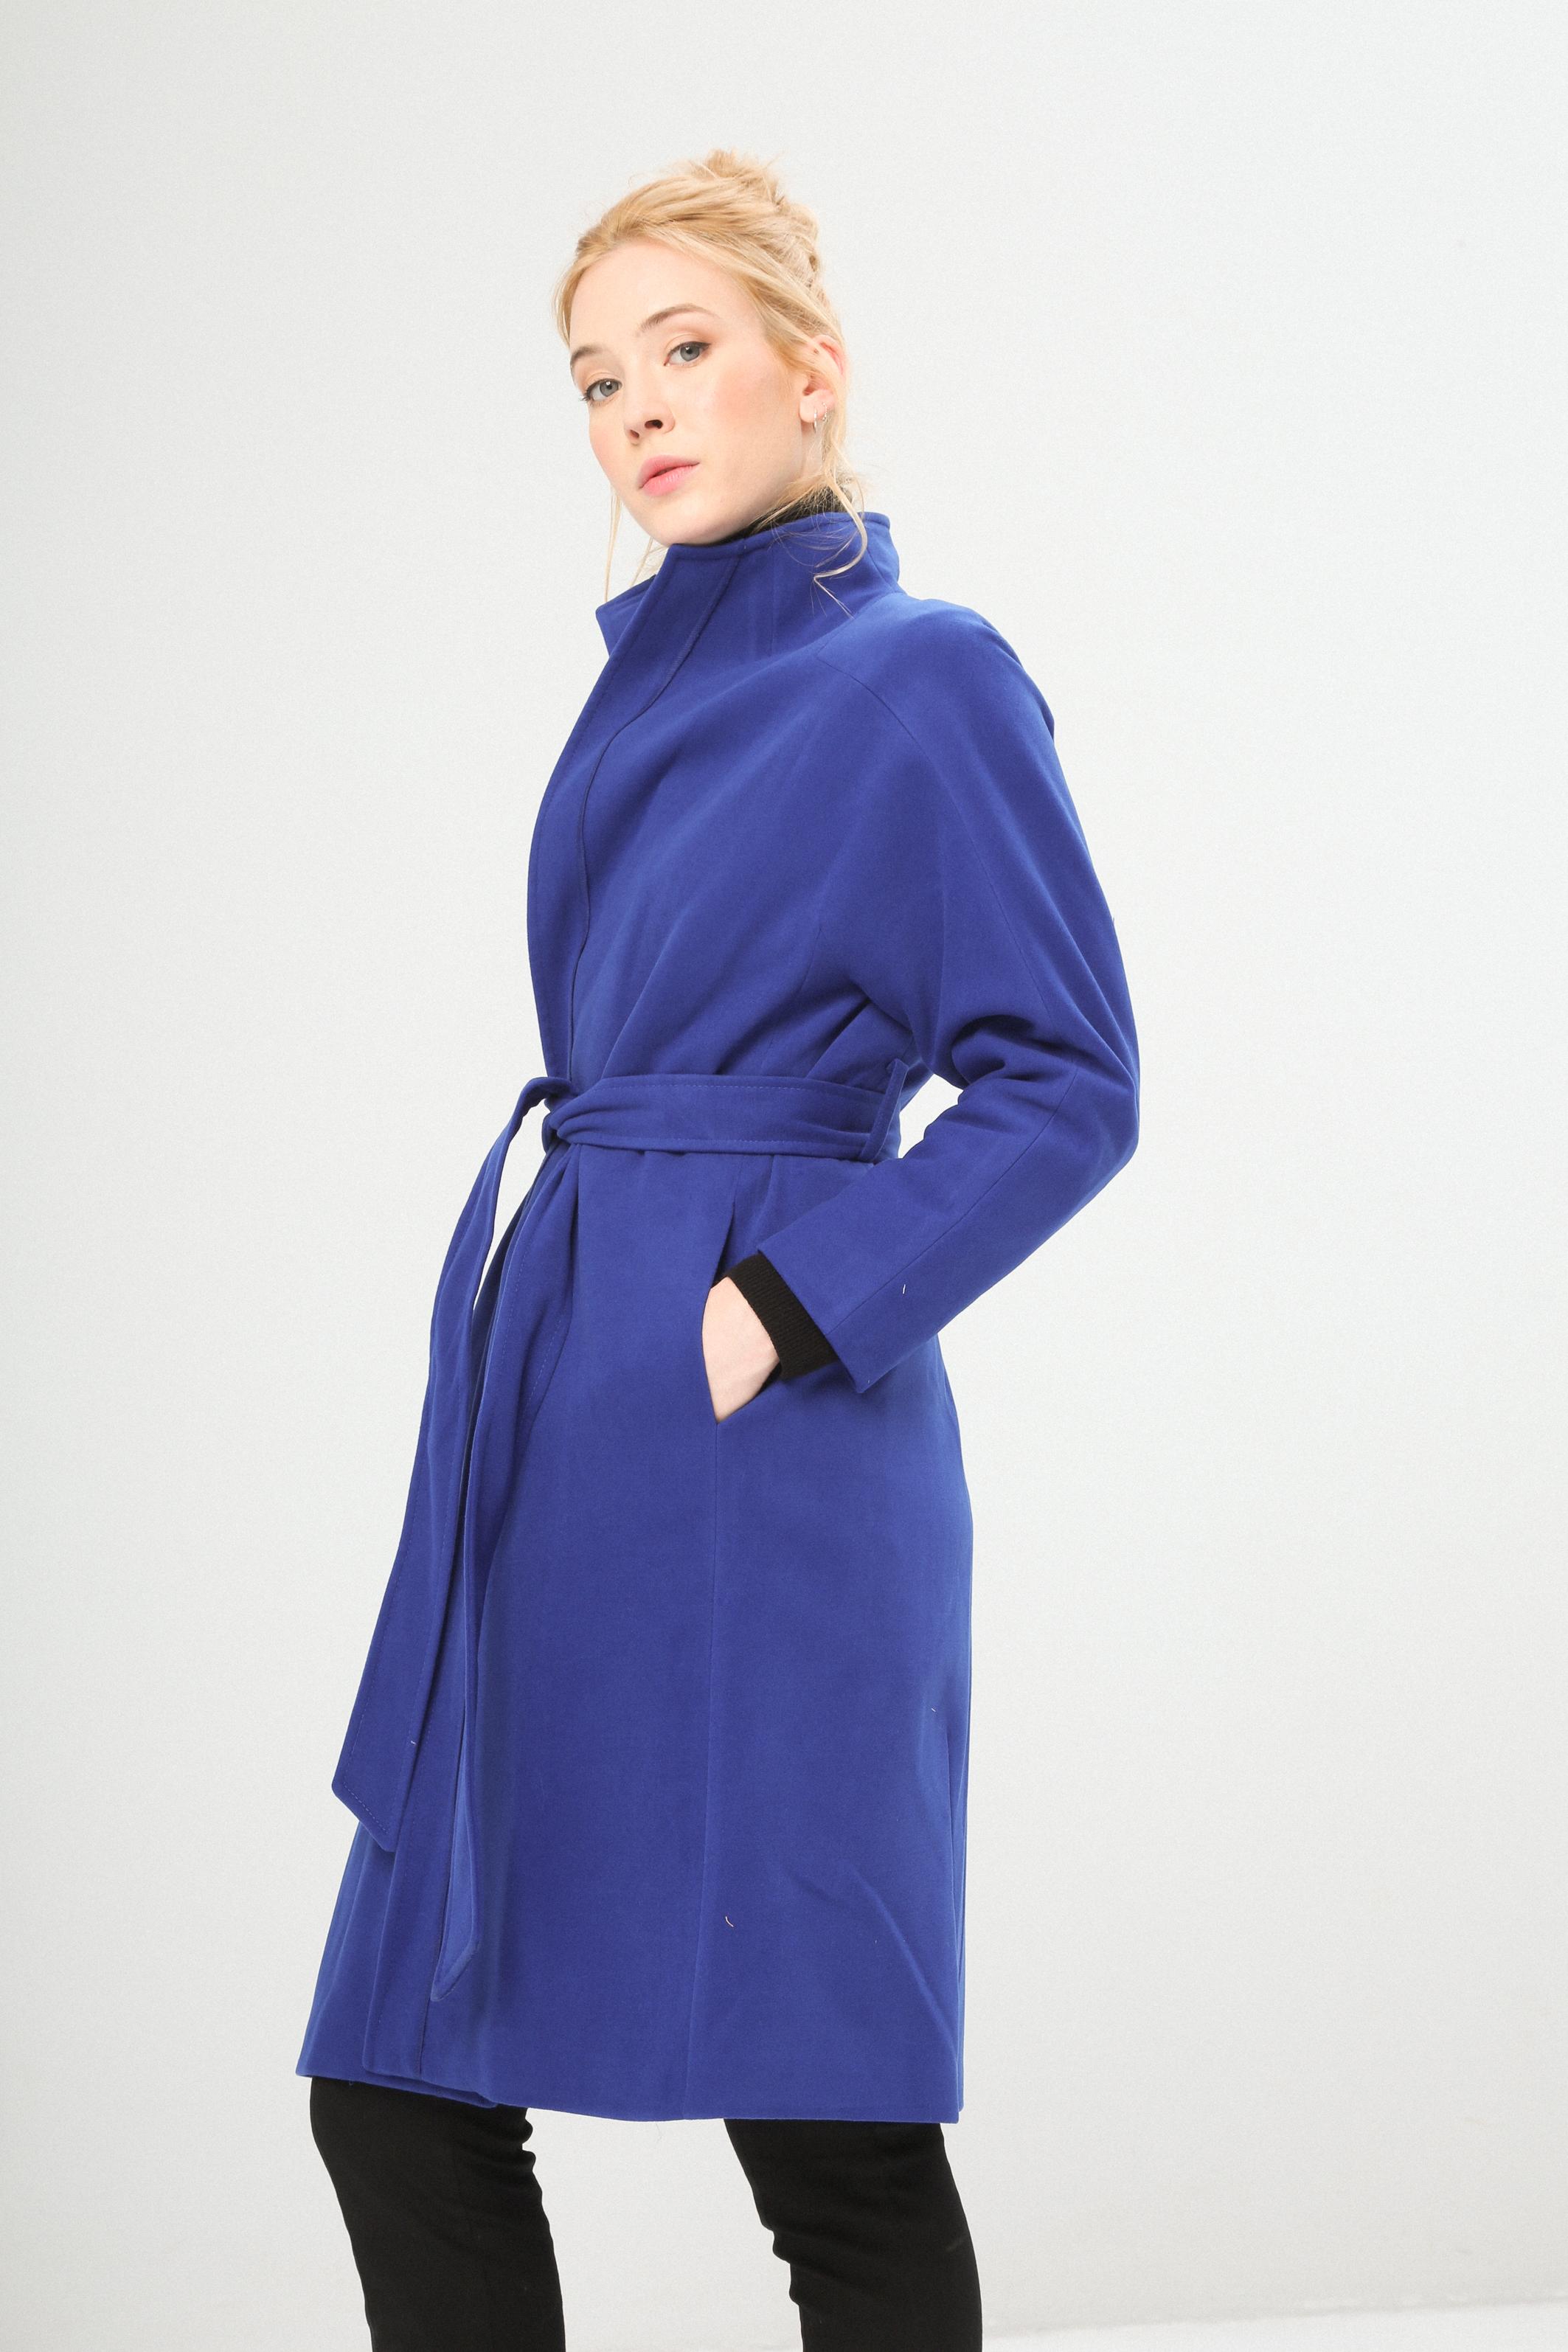 Manteau  Fontana 2.0 11408_02 blue